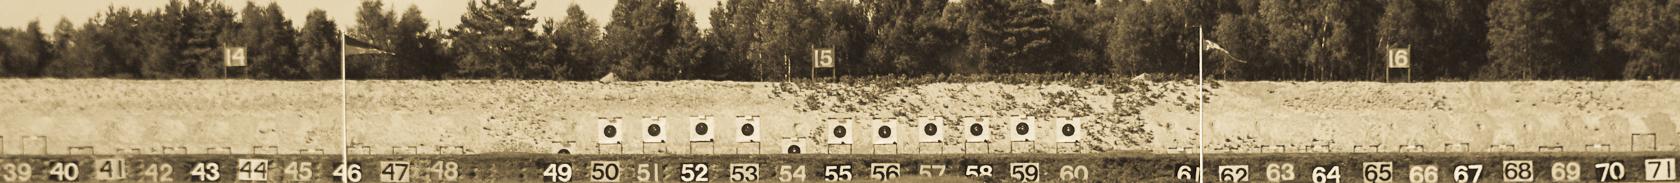 Chudleigh & Ashburton Rifle Club